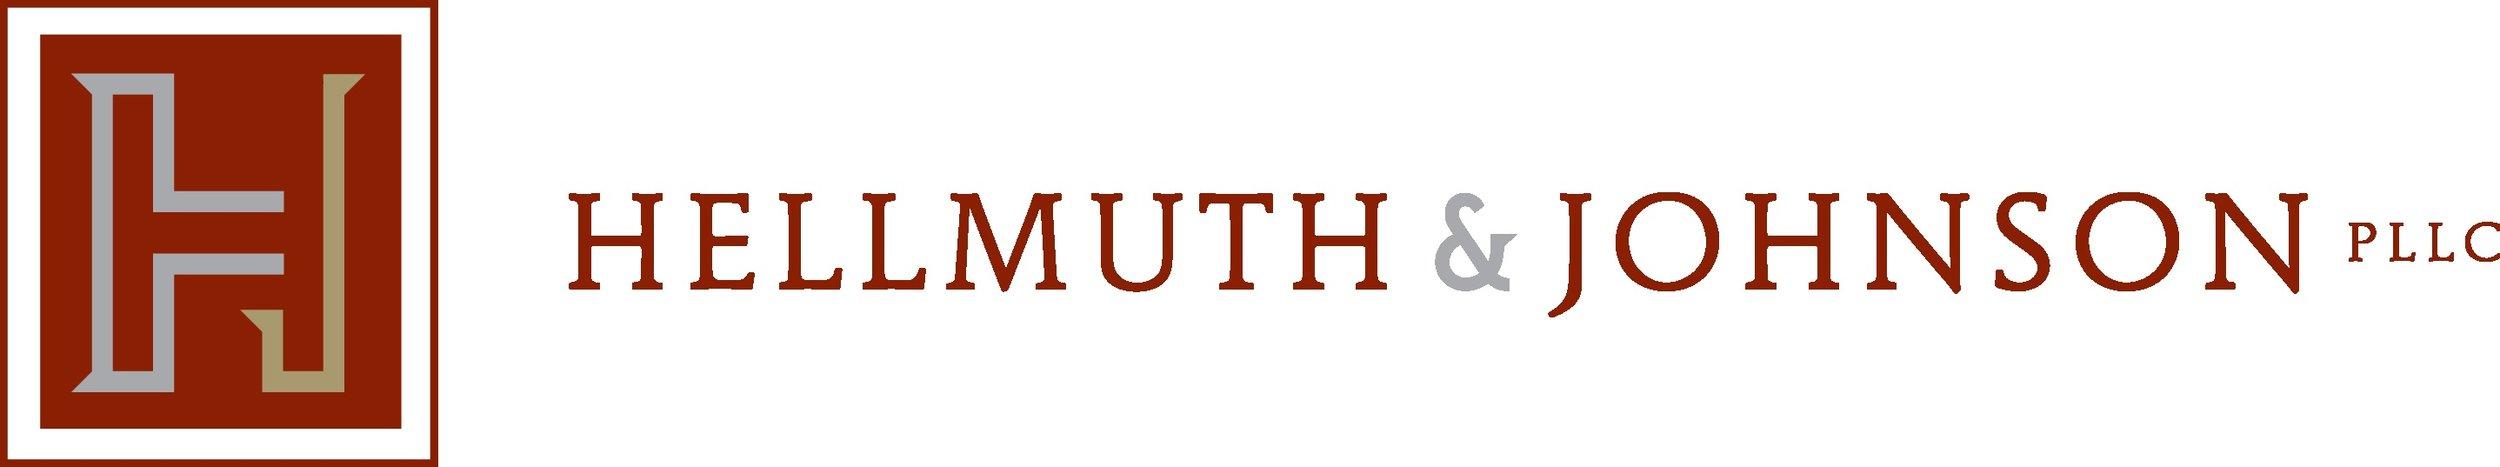 Hellmuth.jpg